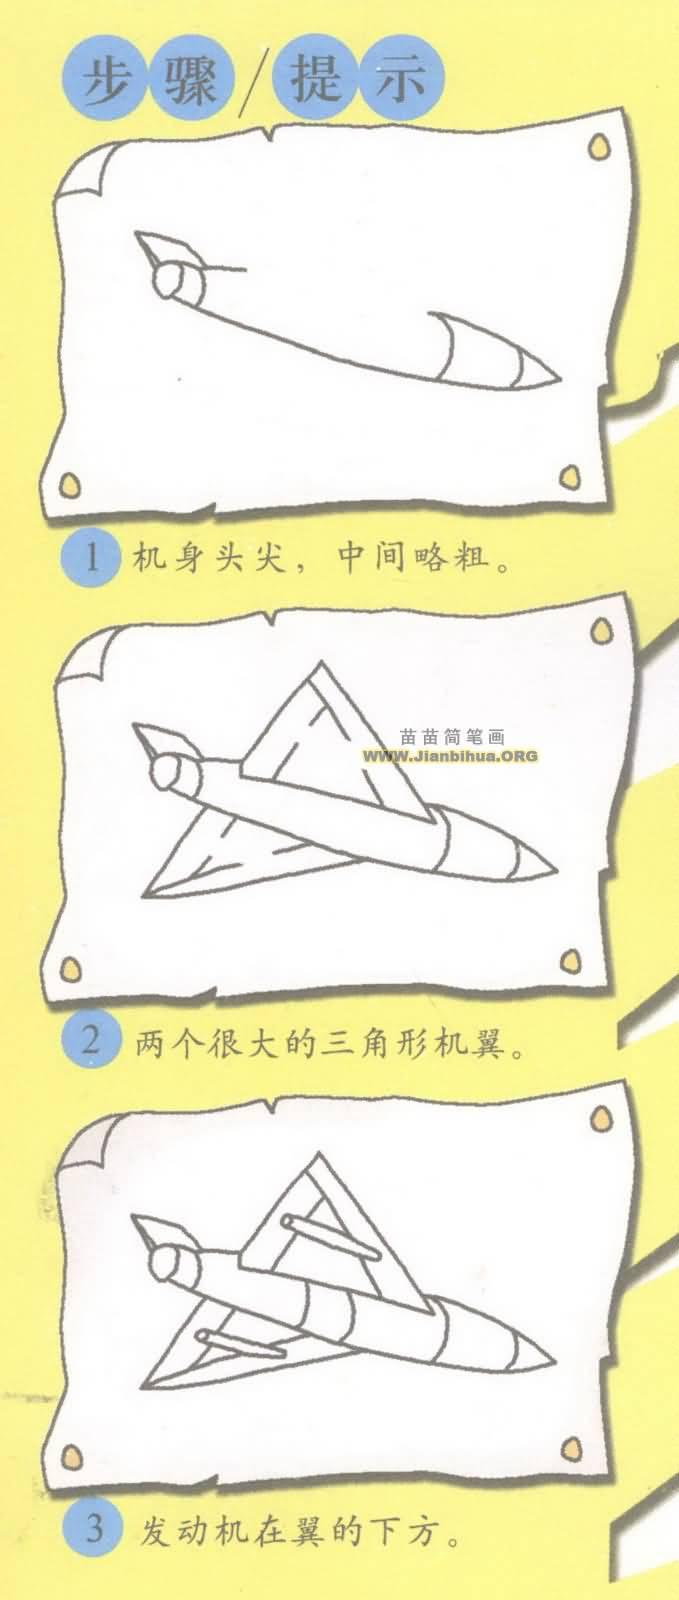 战斗机简笔画图片教程